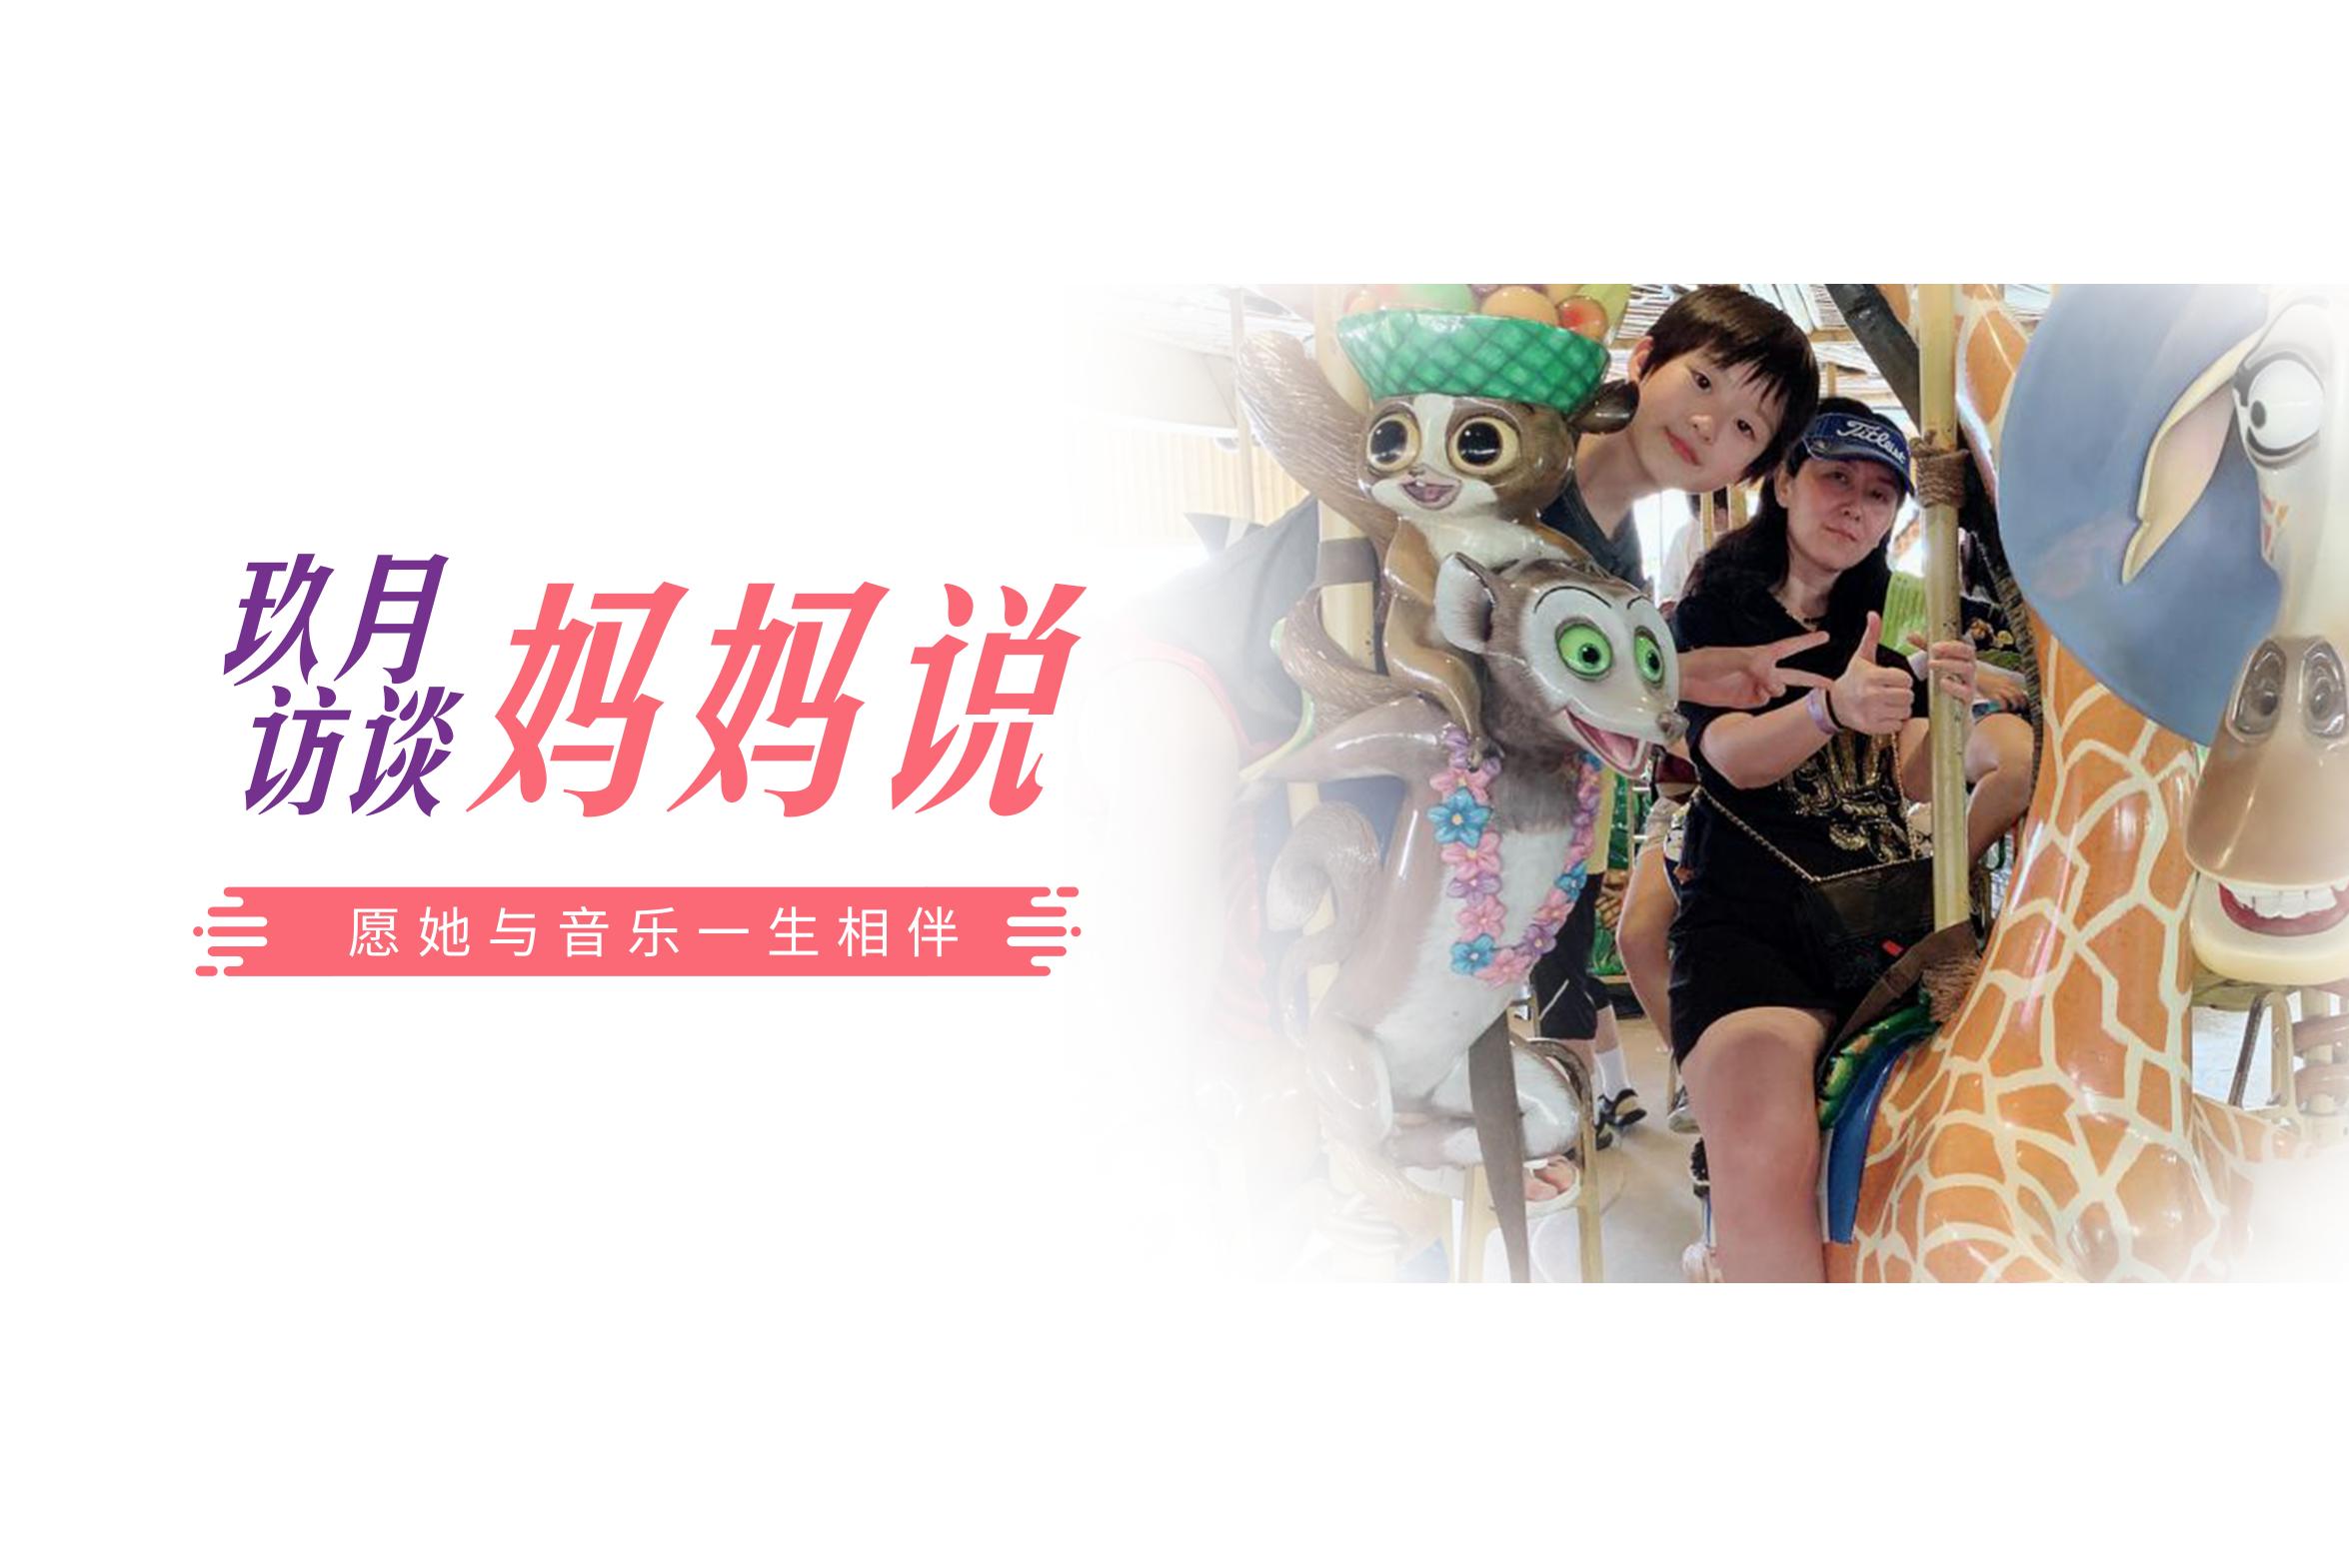 亚洲国际音乐节银奖妈妈:我从不要求她考级拿奖,只要她热爱音乐